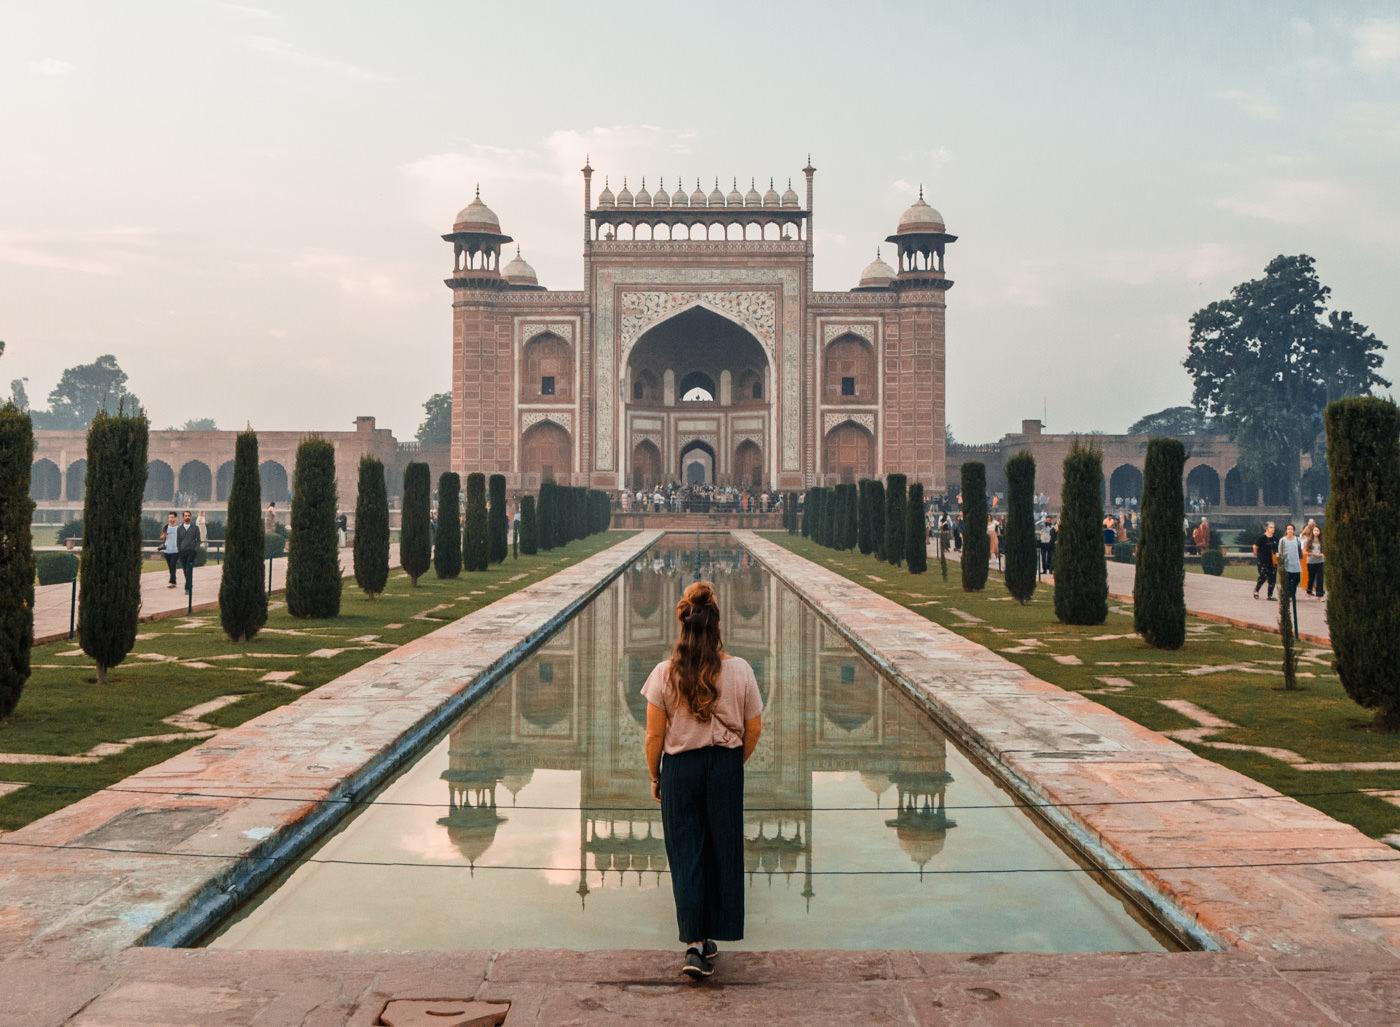 Julia blickt auf das Eingangstor des Taj Mahals